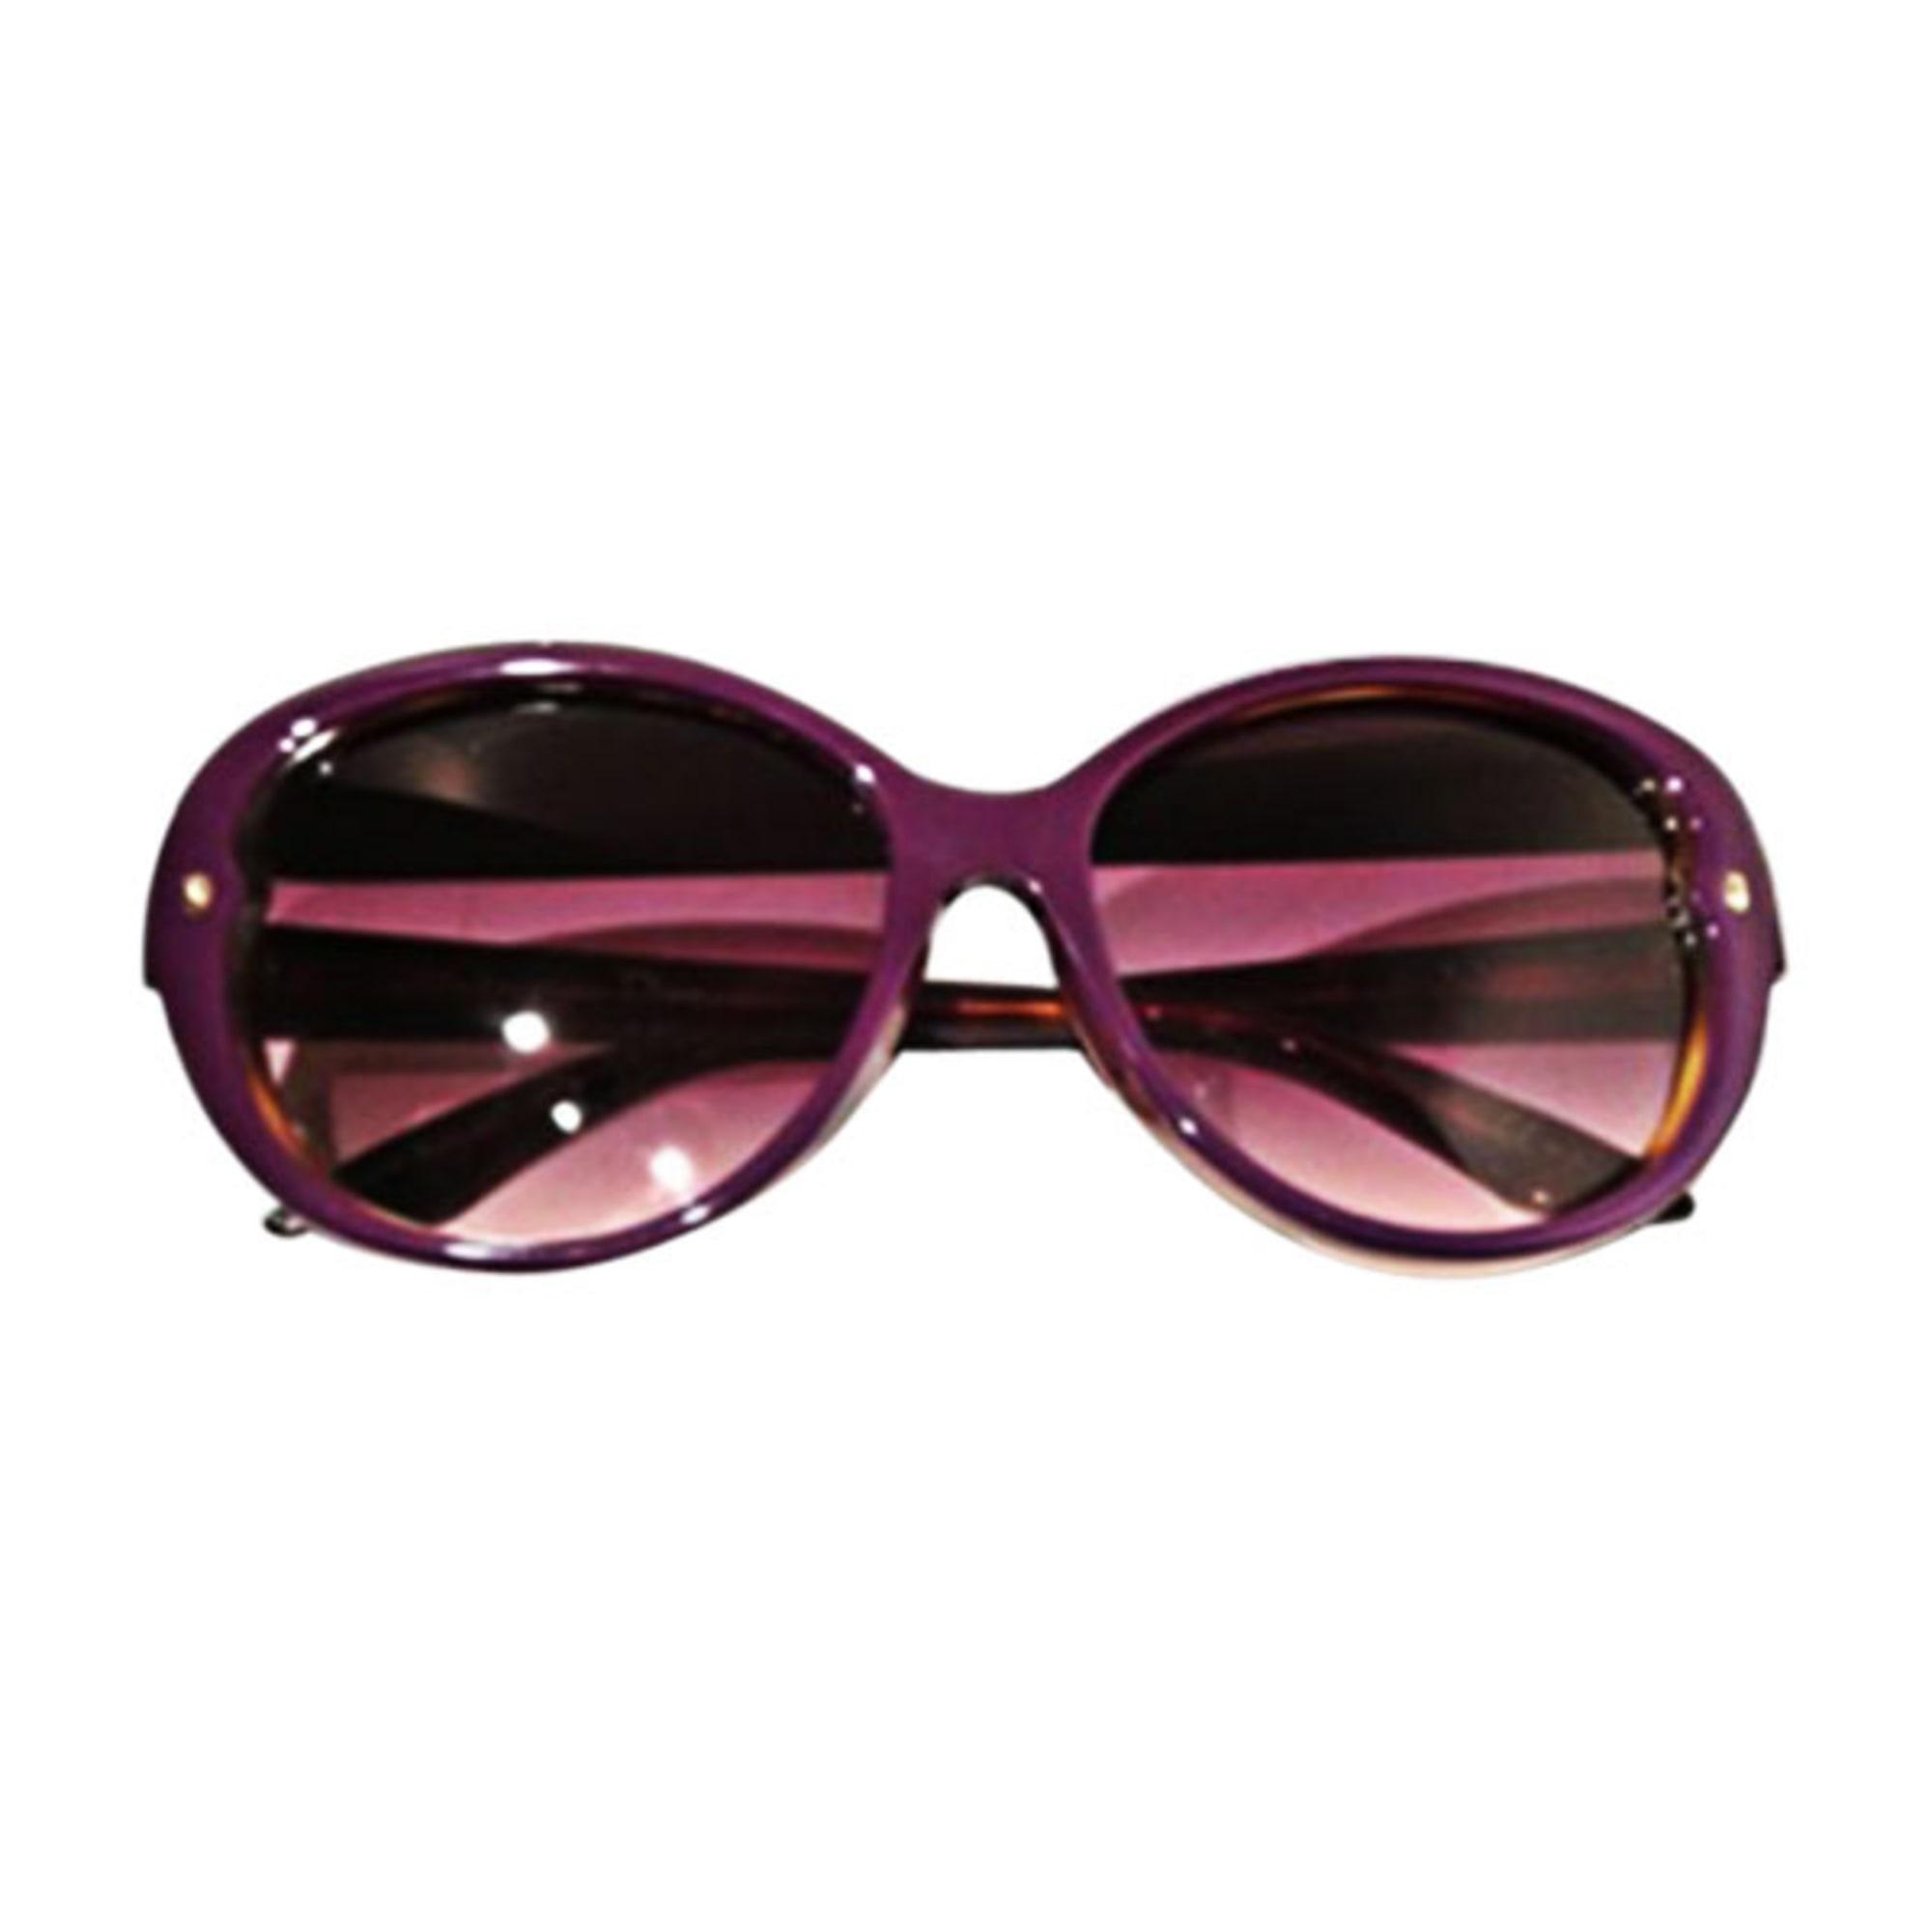 a16002f7a1245c Lunettes de soleil DIOR Violet, mauve, lavande